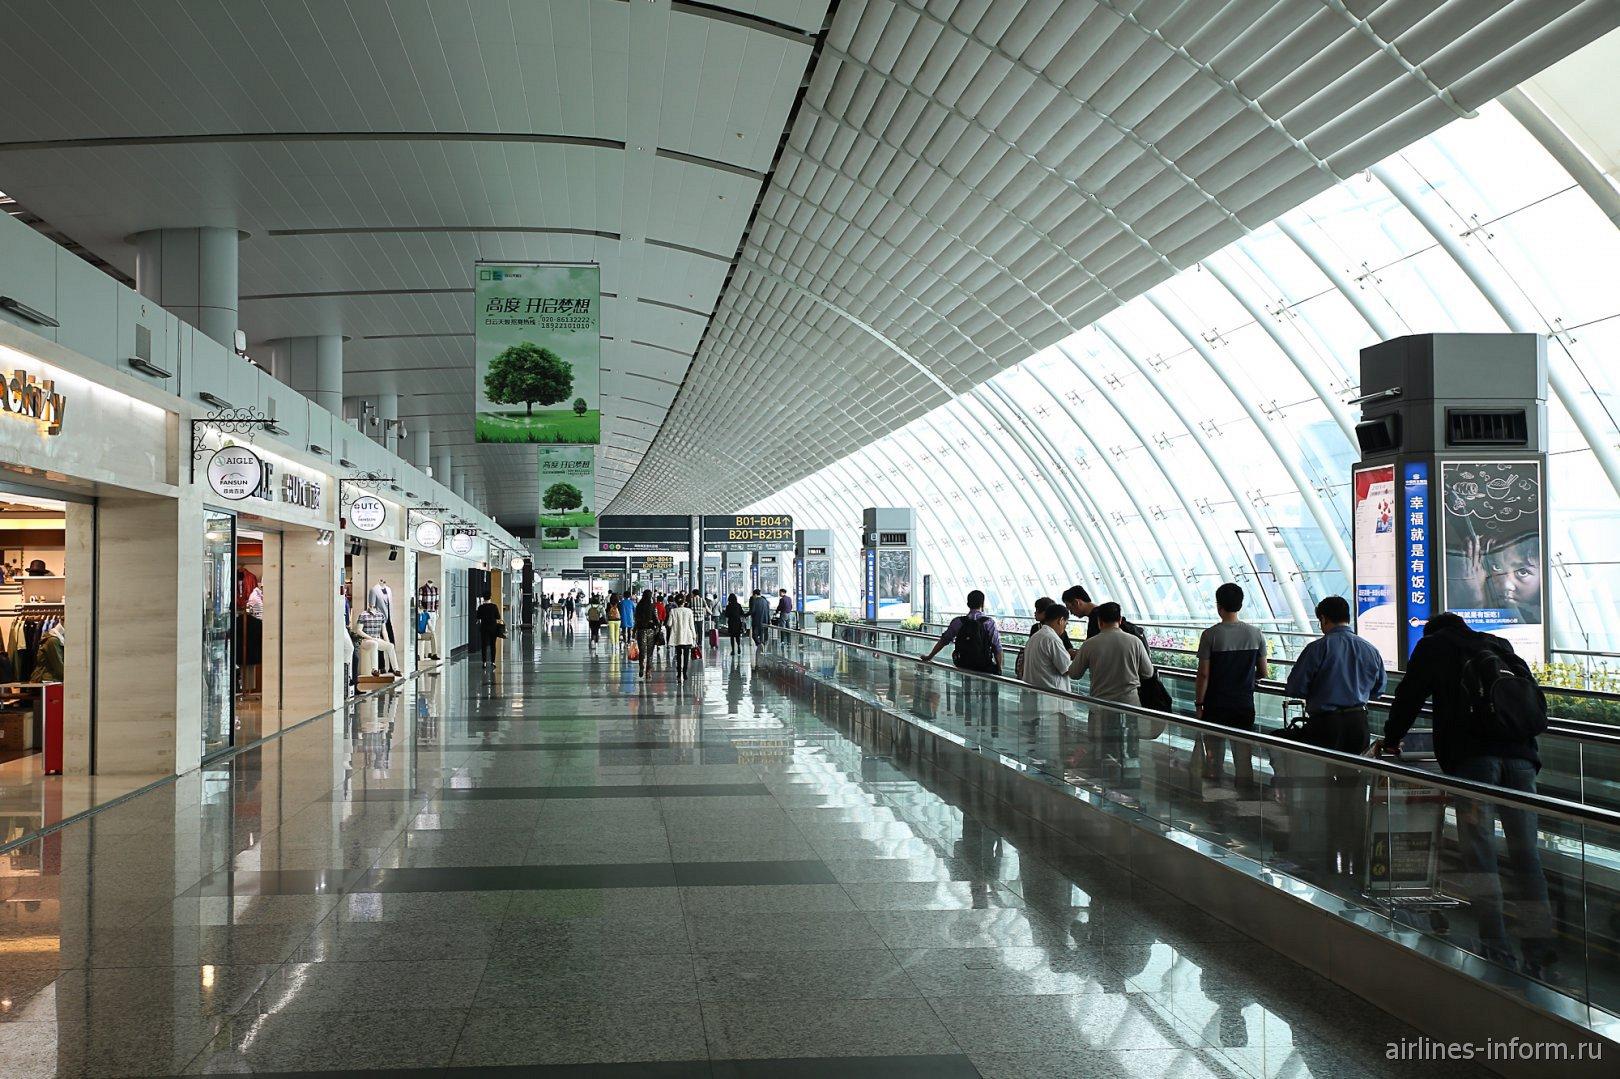 Переход в чистой зоне внутренних вылетов аэропорта Гуанчжоу Байюнь